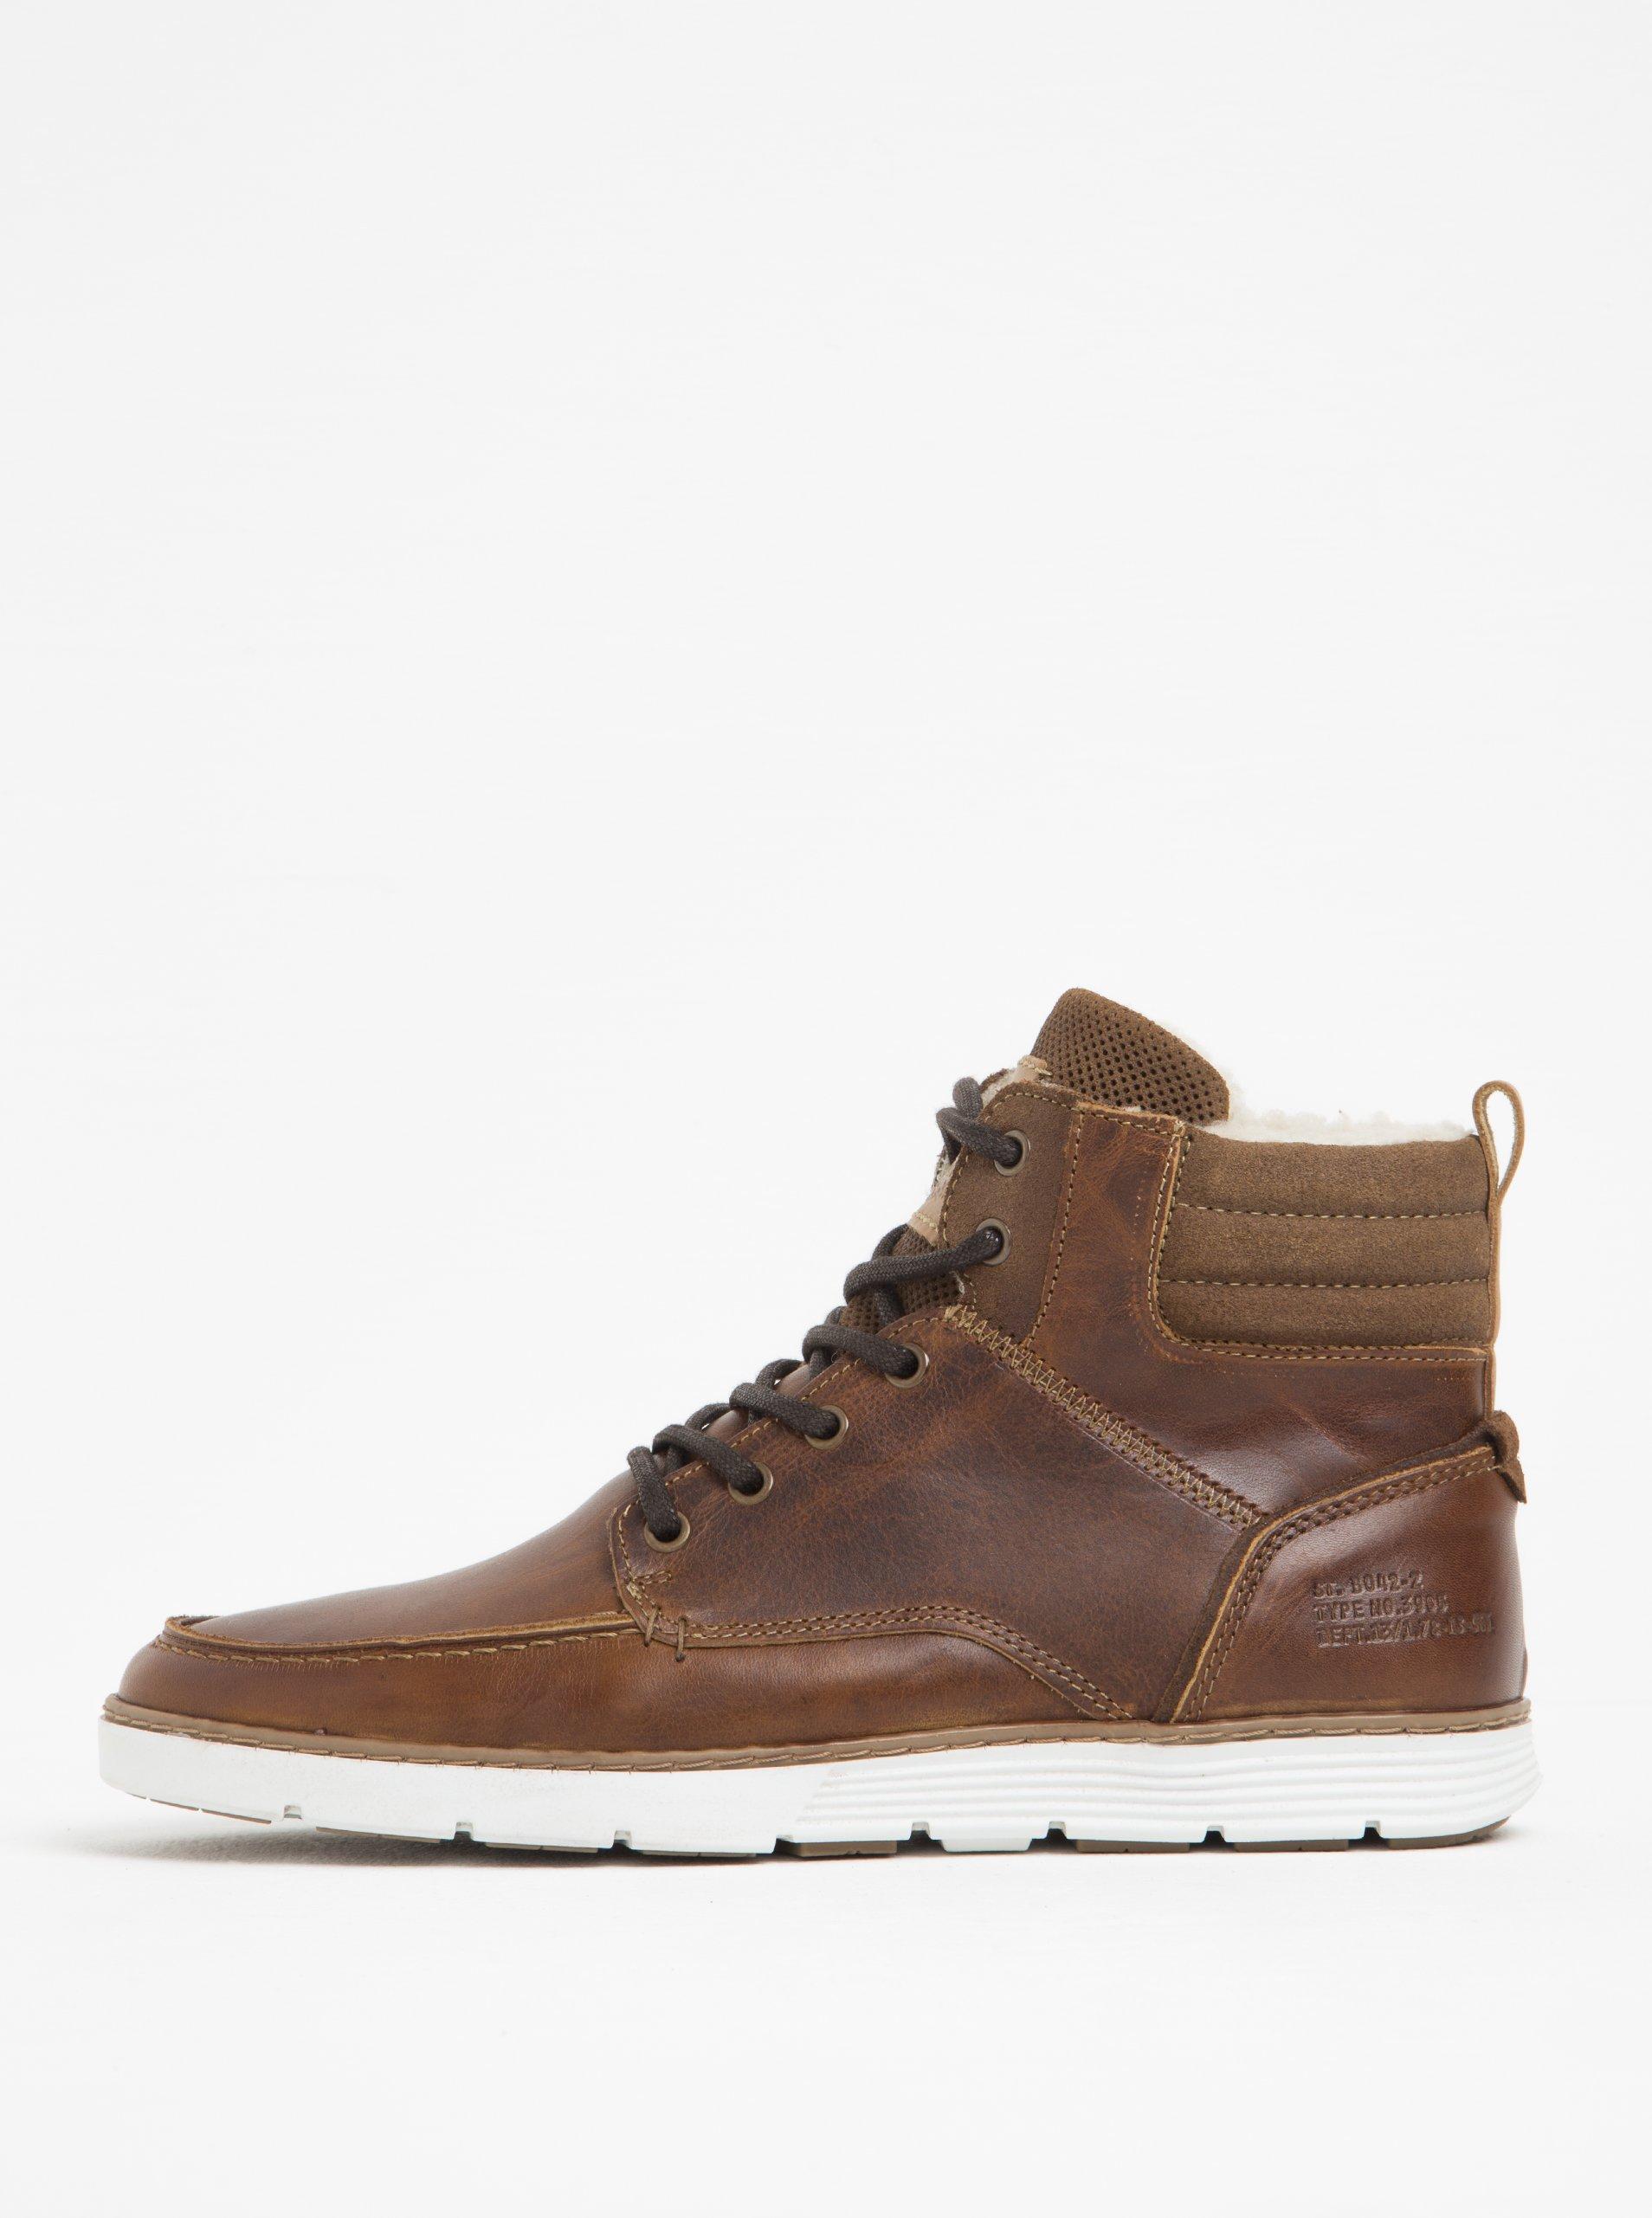 a190f5e500b6e Hnedé pánske kožené členkové topánky Bullboxer | Moda.sk